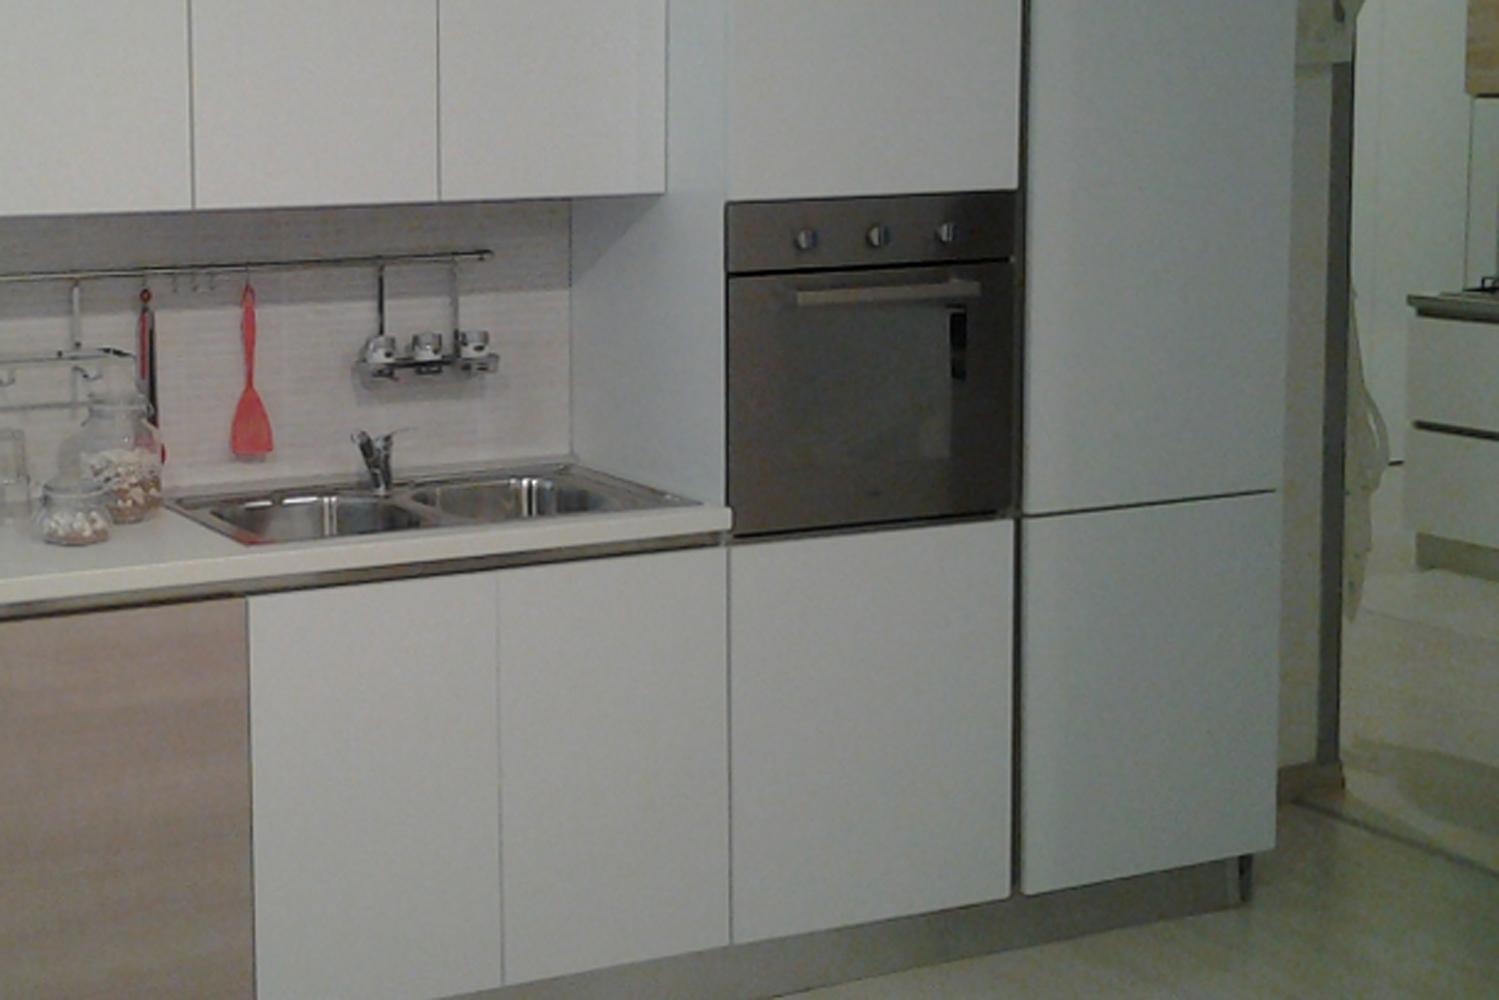 Cucina con gola marca gicinque prezzo speciale 3700 00 - Cucine da 10000 euro ...